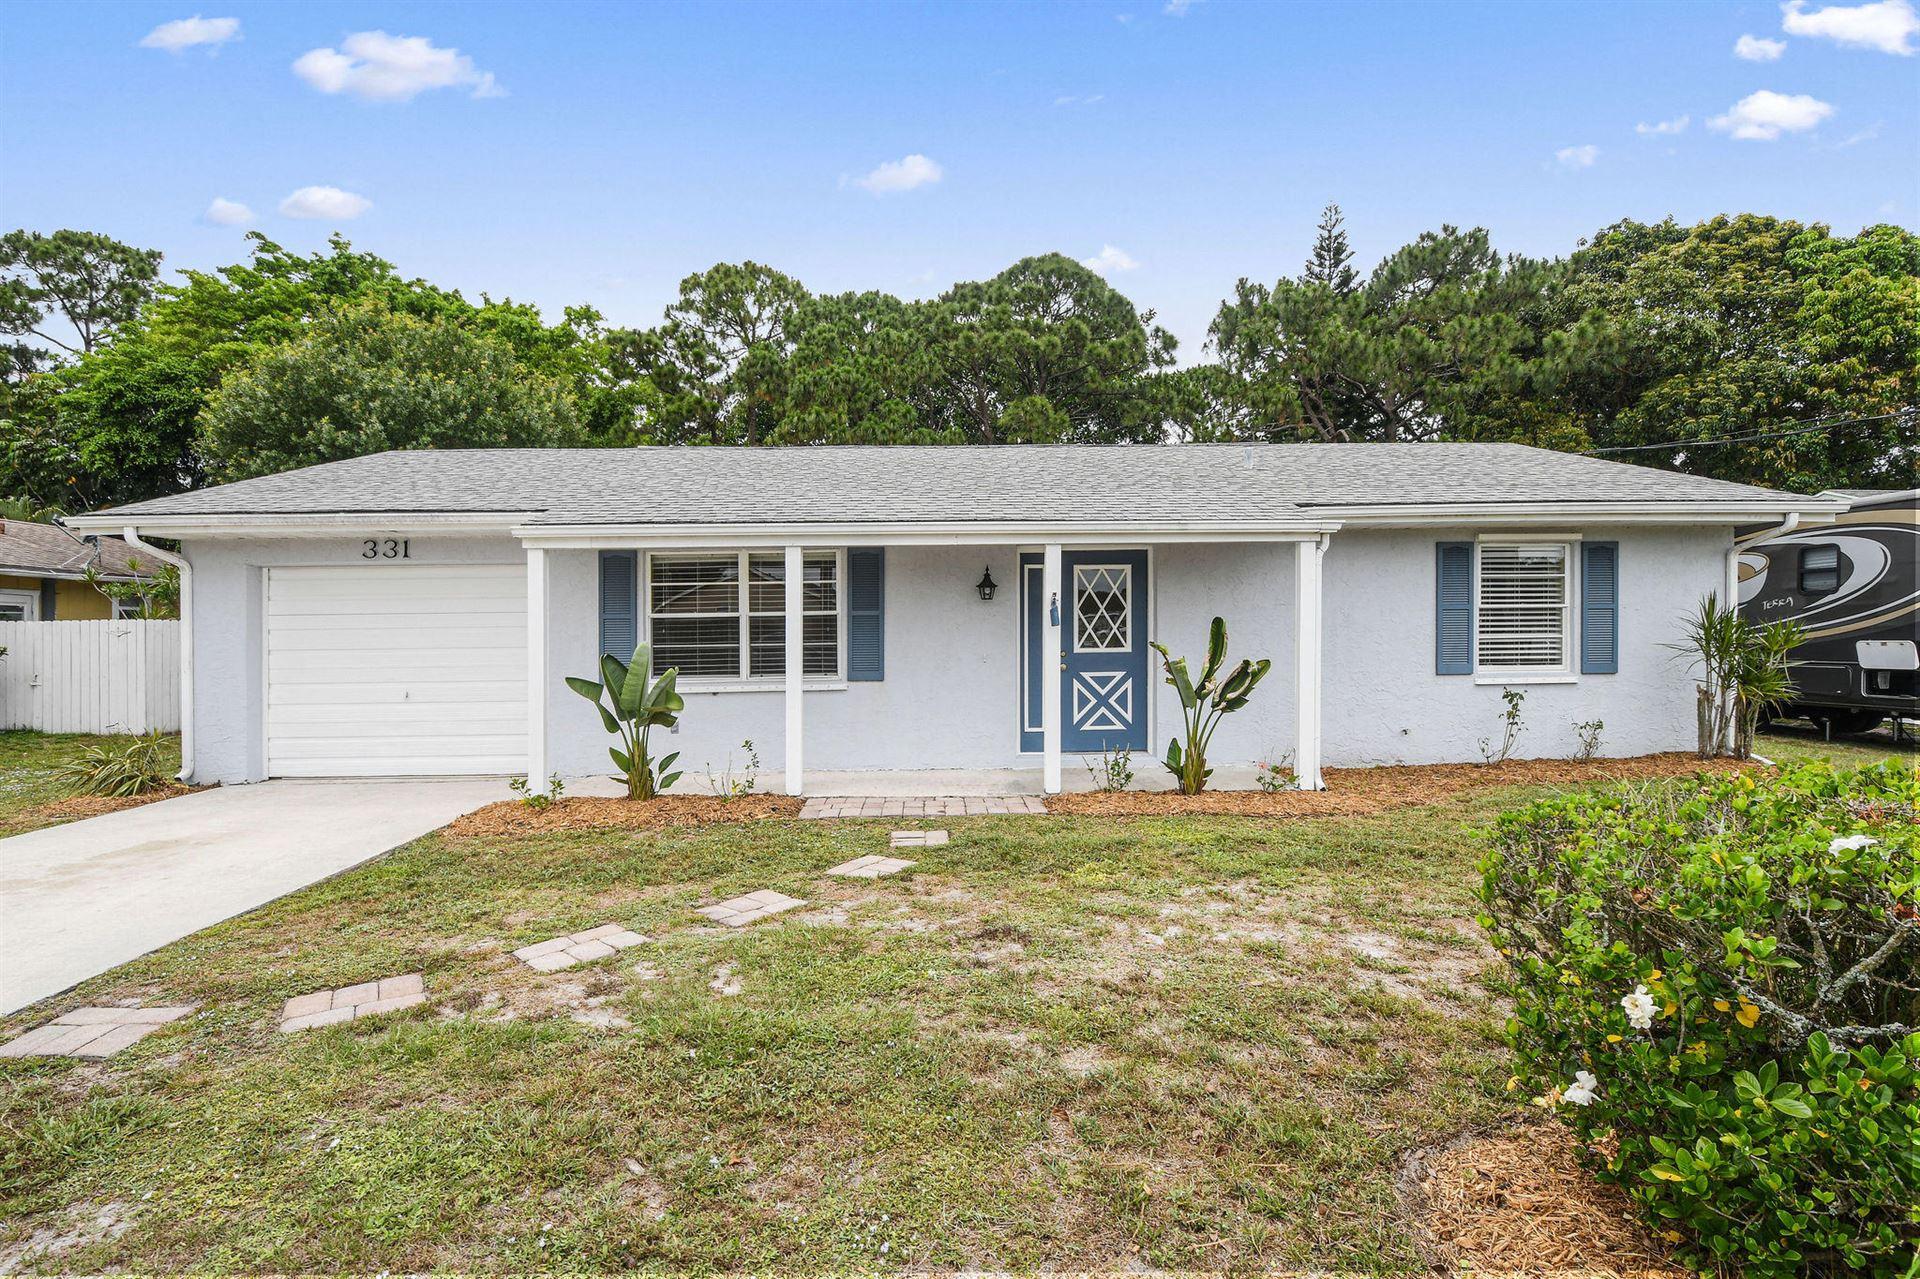 331 SE Voltair Terrace, Port Saint Lucie, FL 34983 - MLS#: RX-10703597